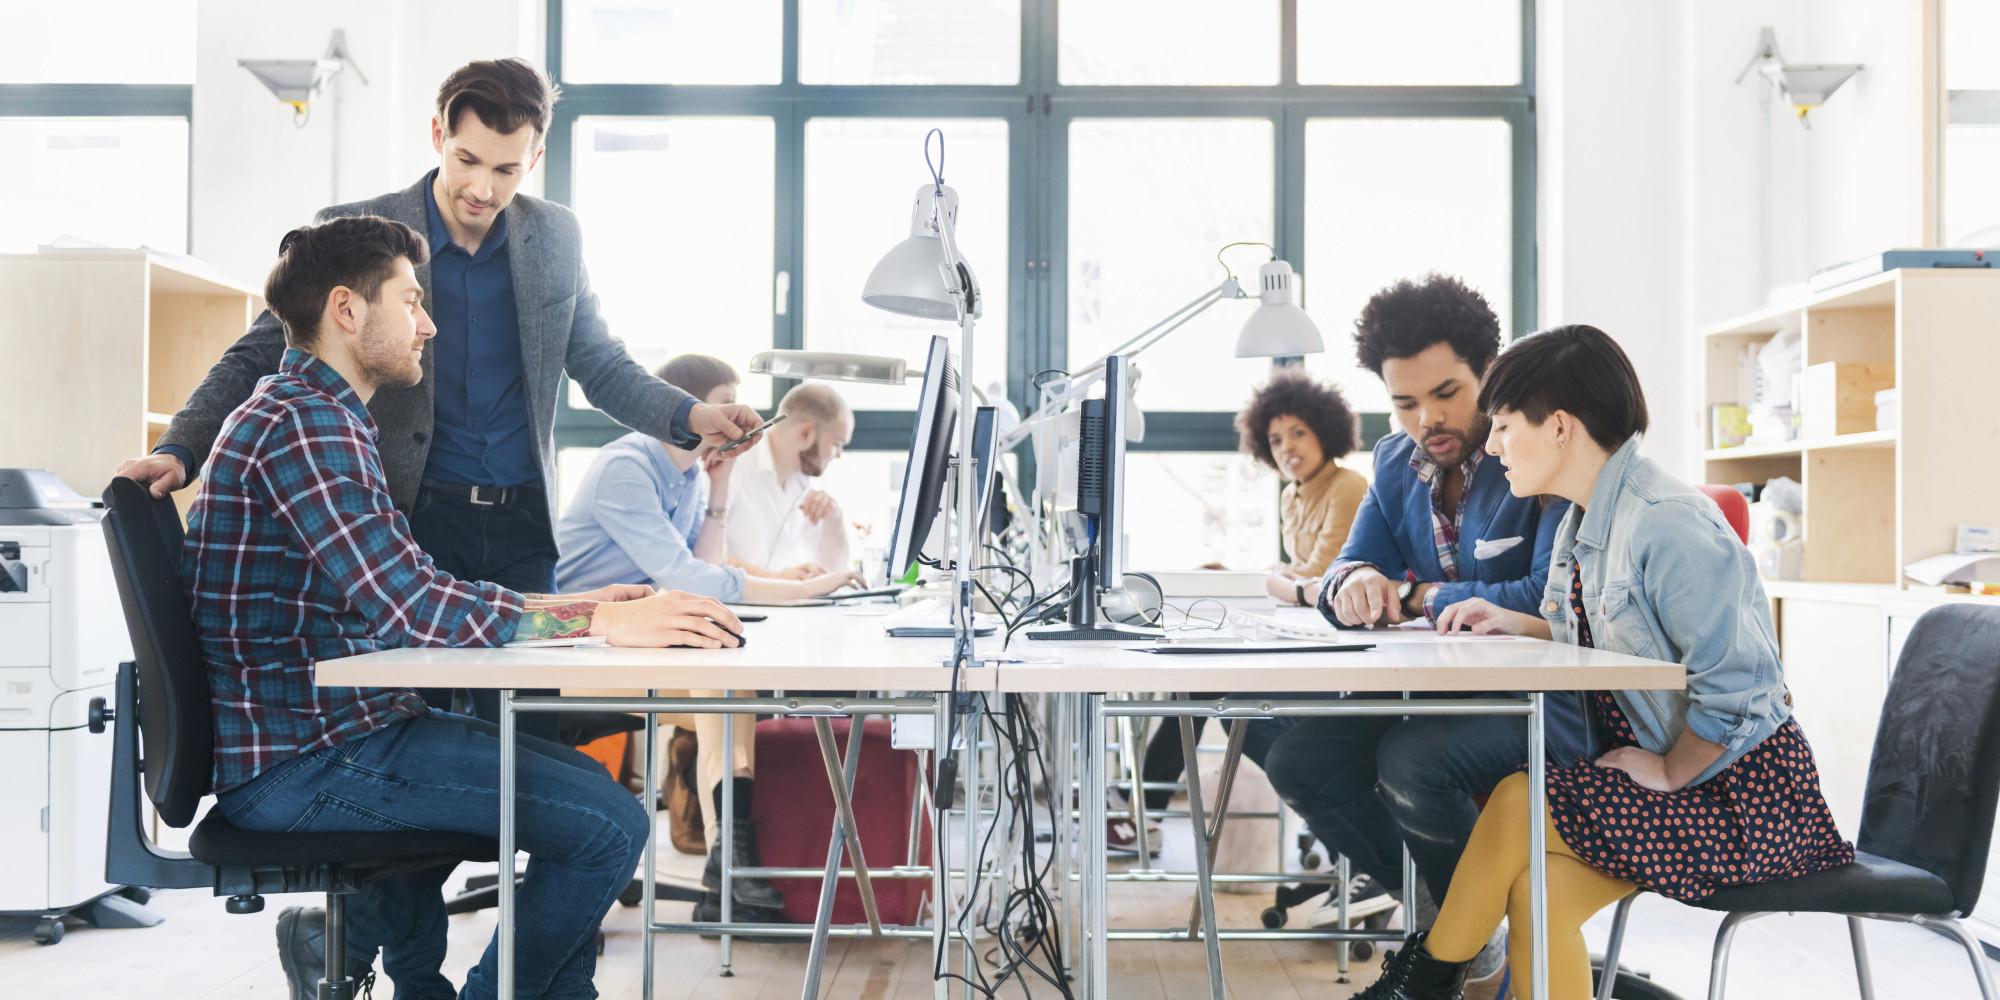 Investigación señala que las oportunidades laborales en el área del blockchain y las criptomonedas aumentan hasta un 26% durante el último año